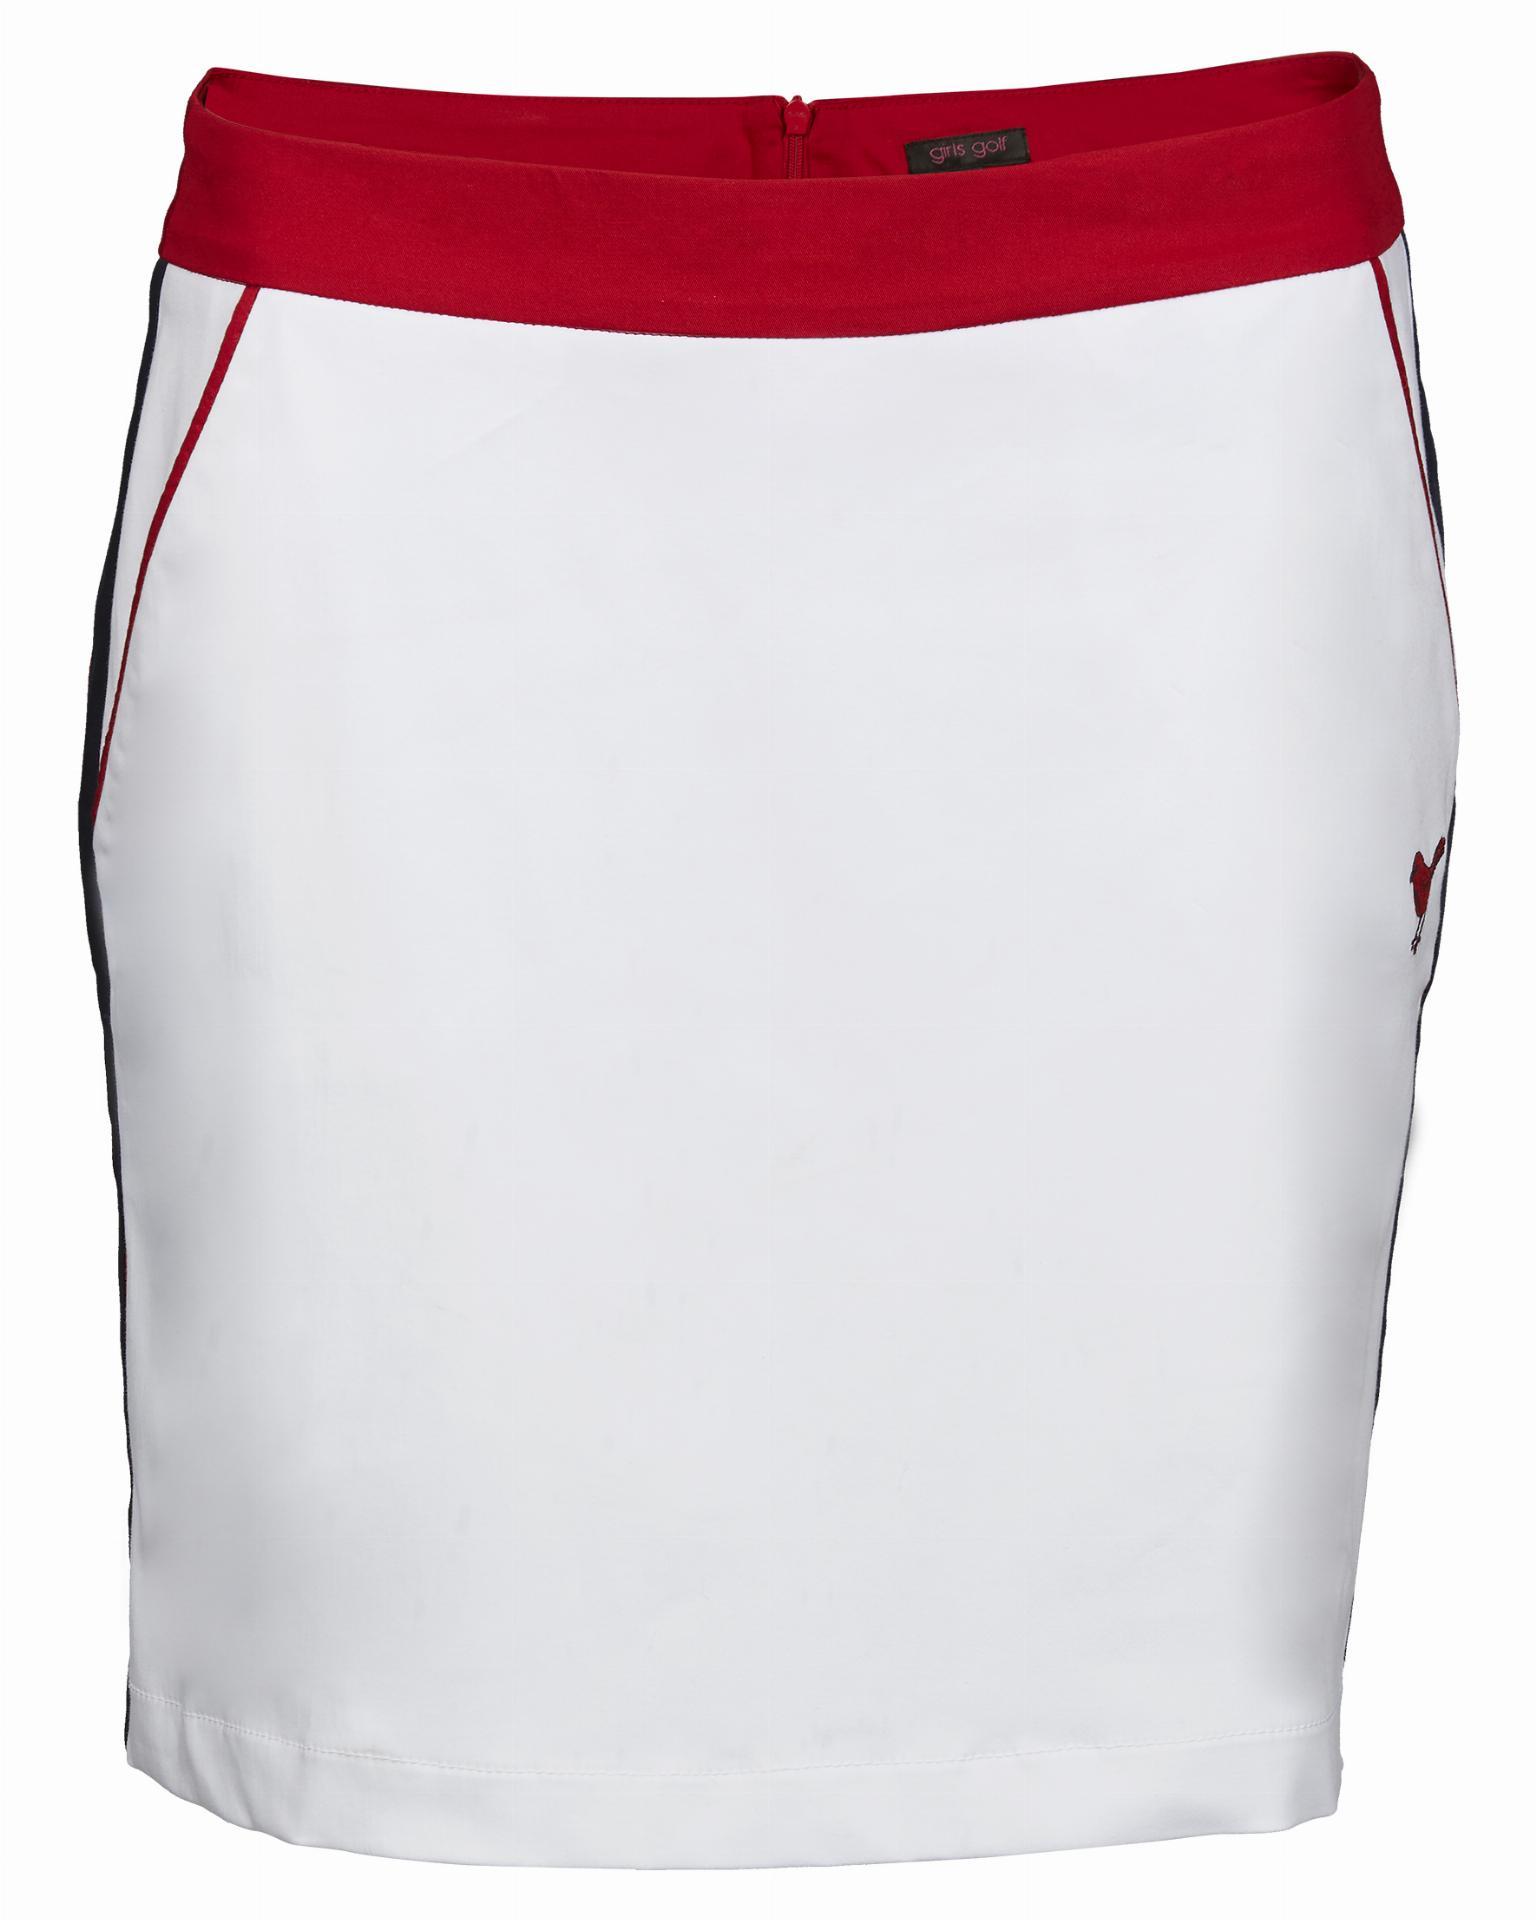 Skort, weiß/rot